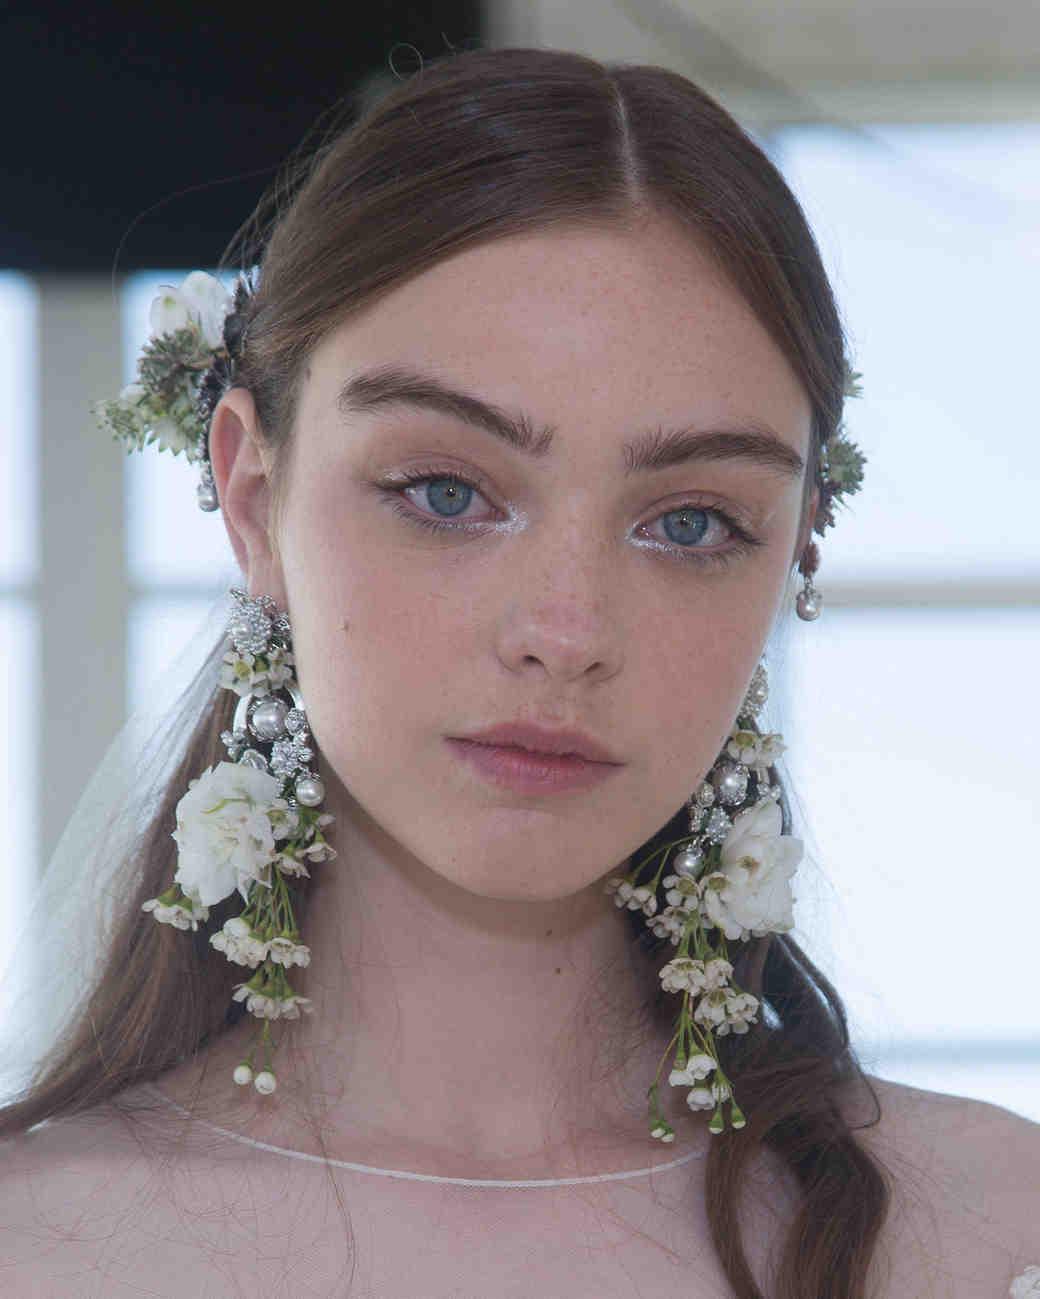 Wedding Makeup Looks That Stunned at Bridal Fashion Week ...